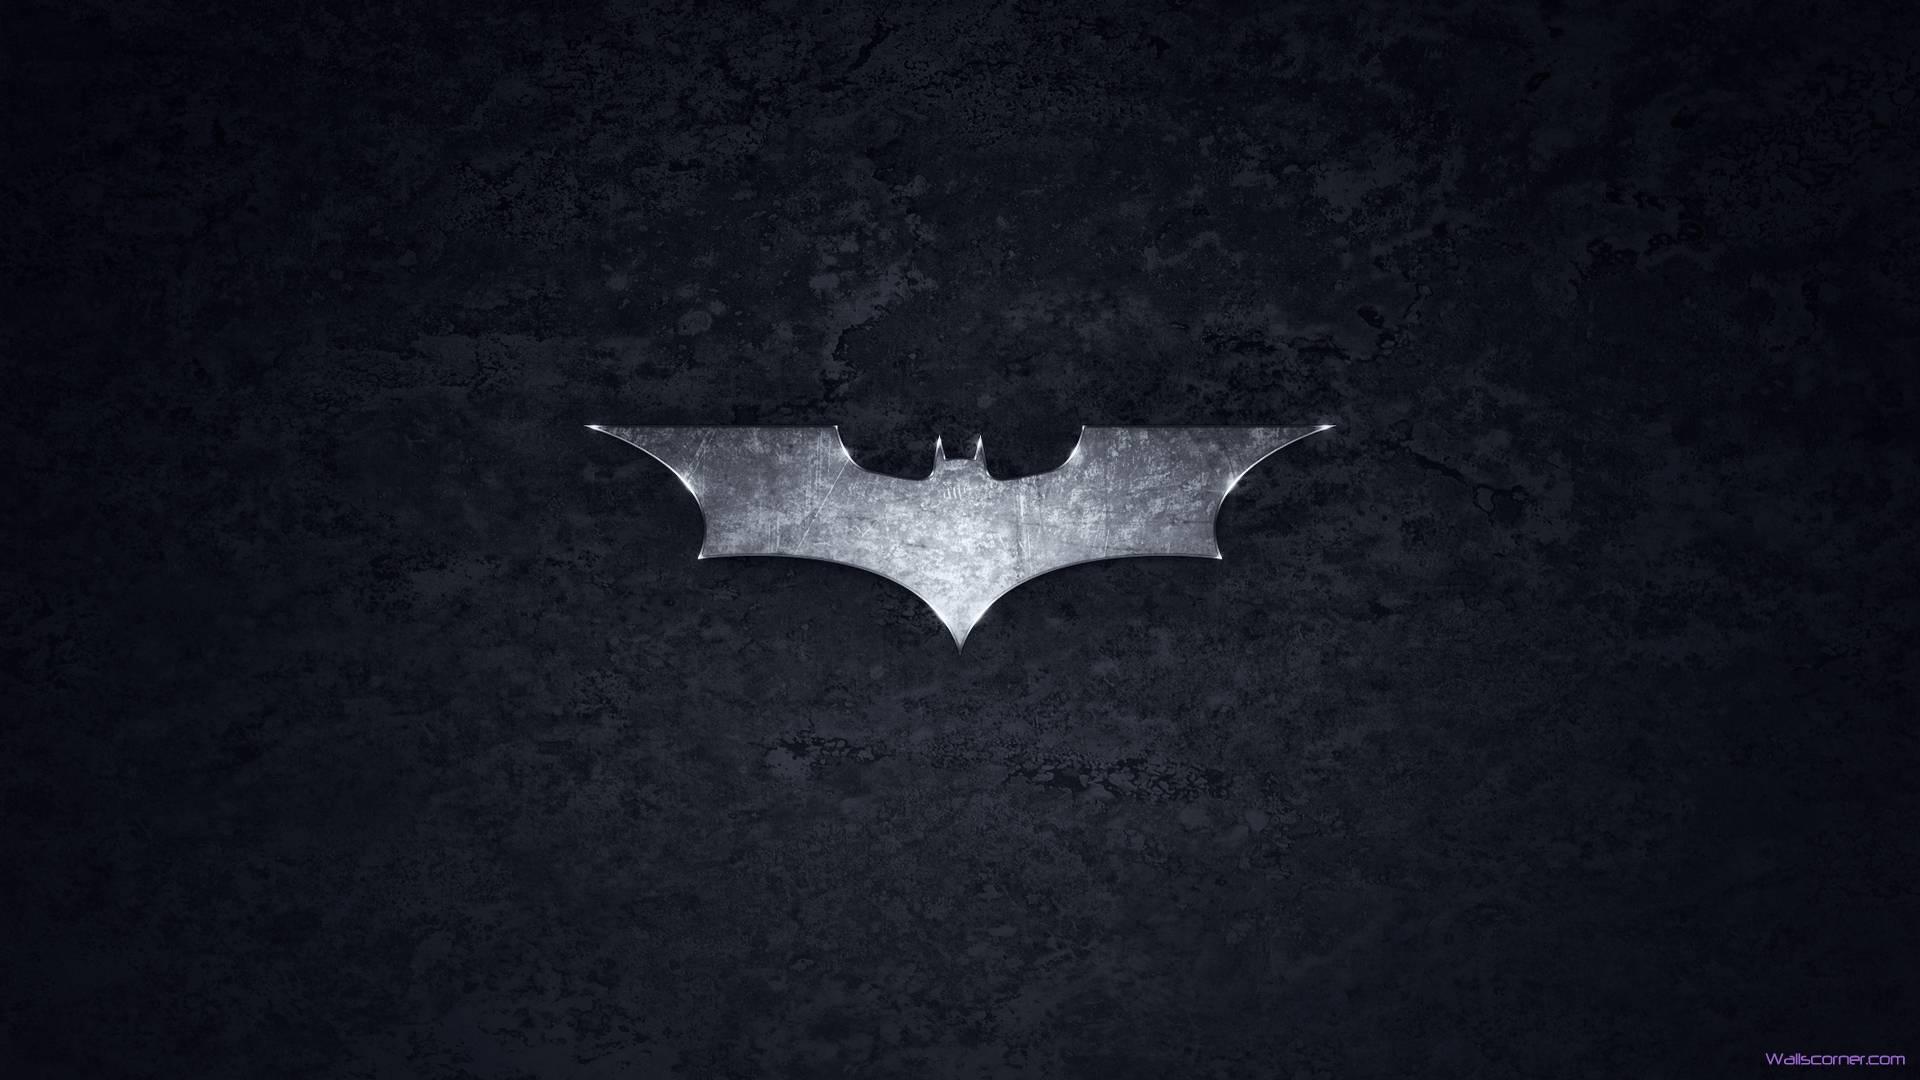 Batman Logo Wallpaper 4986 Hd Wallpapers in Logos   Imagescicom 1920x1080